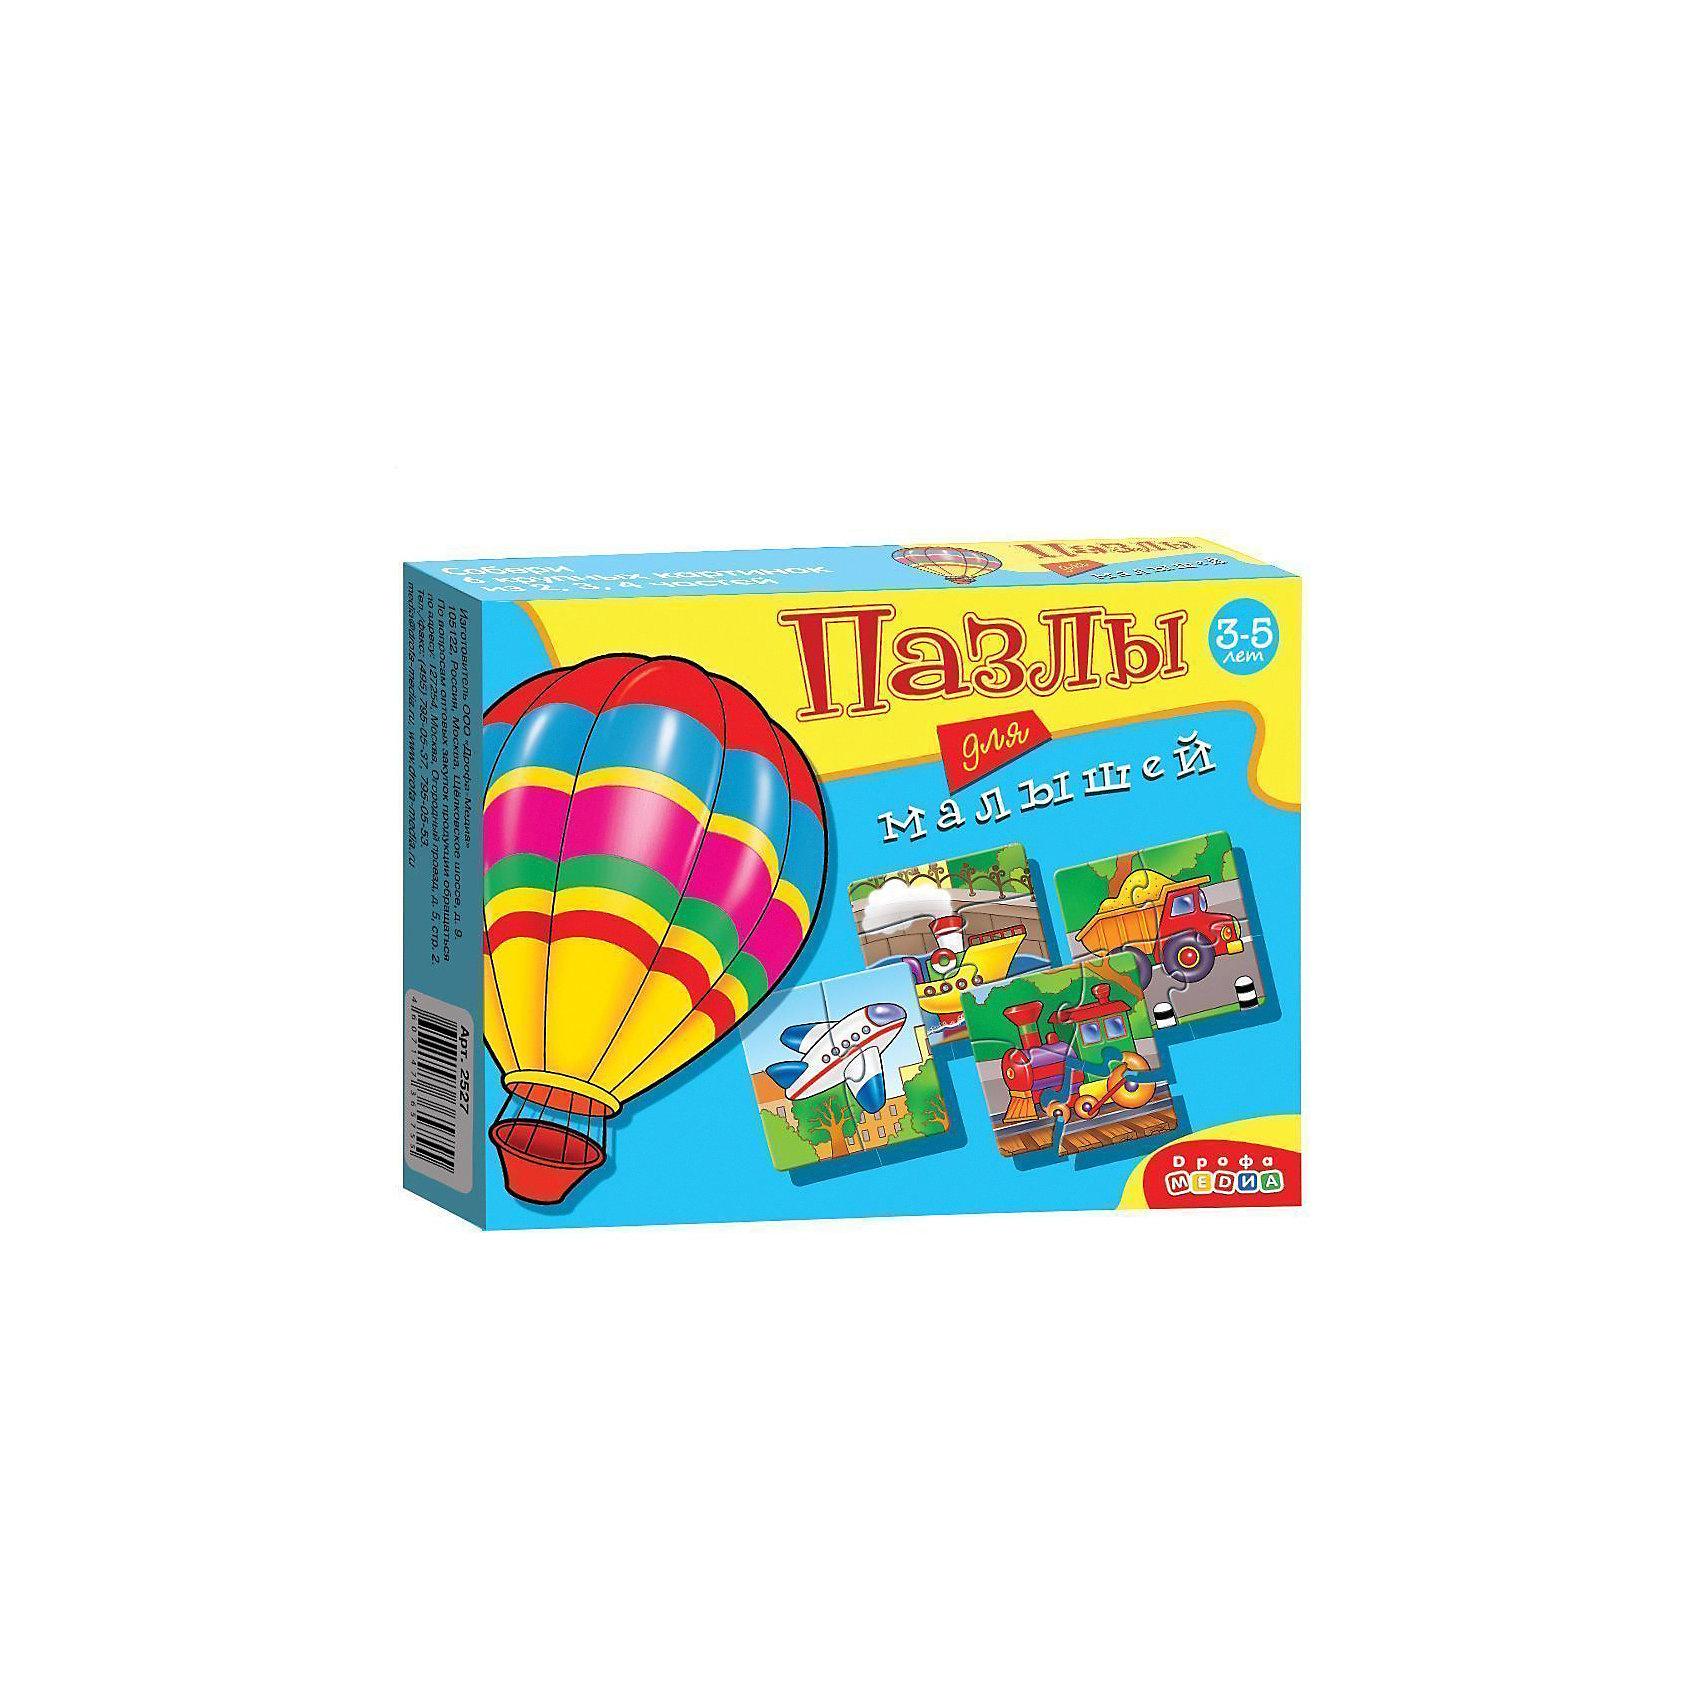 Пазлы для малышей (2527), Дрофа-МедиаПазлы для малышей<br>Пазл для малышей 2527 прекрасно подходит для первого знакомства малыша с мозаикой, способствует формированию навыка соединения целого изображения из двух, трёх и четырех элементов. В игре набор из шести персонажей (самолет, воздушный шар, два парохода, поезд и грузовик), состоящих из крупных деталей, которые соединяются с помощью пазлового замка. Игры этой серии помогают в развитии зрительного восприятия, мелкой моторики и координации движений рук, наглядно-образного мышления, памяти и внимания.<br><br>Дополнительная информация:<br><br>- материал: картон<br>- количество картинок: 6 шт -  (из 2-х, 3-х, 4-х частей)<br>- размер упаковки: 17х13х3  см<br>- масса: 82 г<br><br>Пазлы для малышей (2527), Дрофа-Медиа можно купить в нашем магазине.<br><br>Ширина мм: 170<br>Глубина мм: 130<br>Высота мм: 30<br>Вес г: 100<br>Возраст от месяцев: 36<br>Возраст до месяцев: 84<br>Пол: Унисекс<br>Возраст: Детский<br>SKU: 3381968